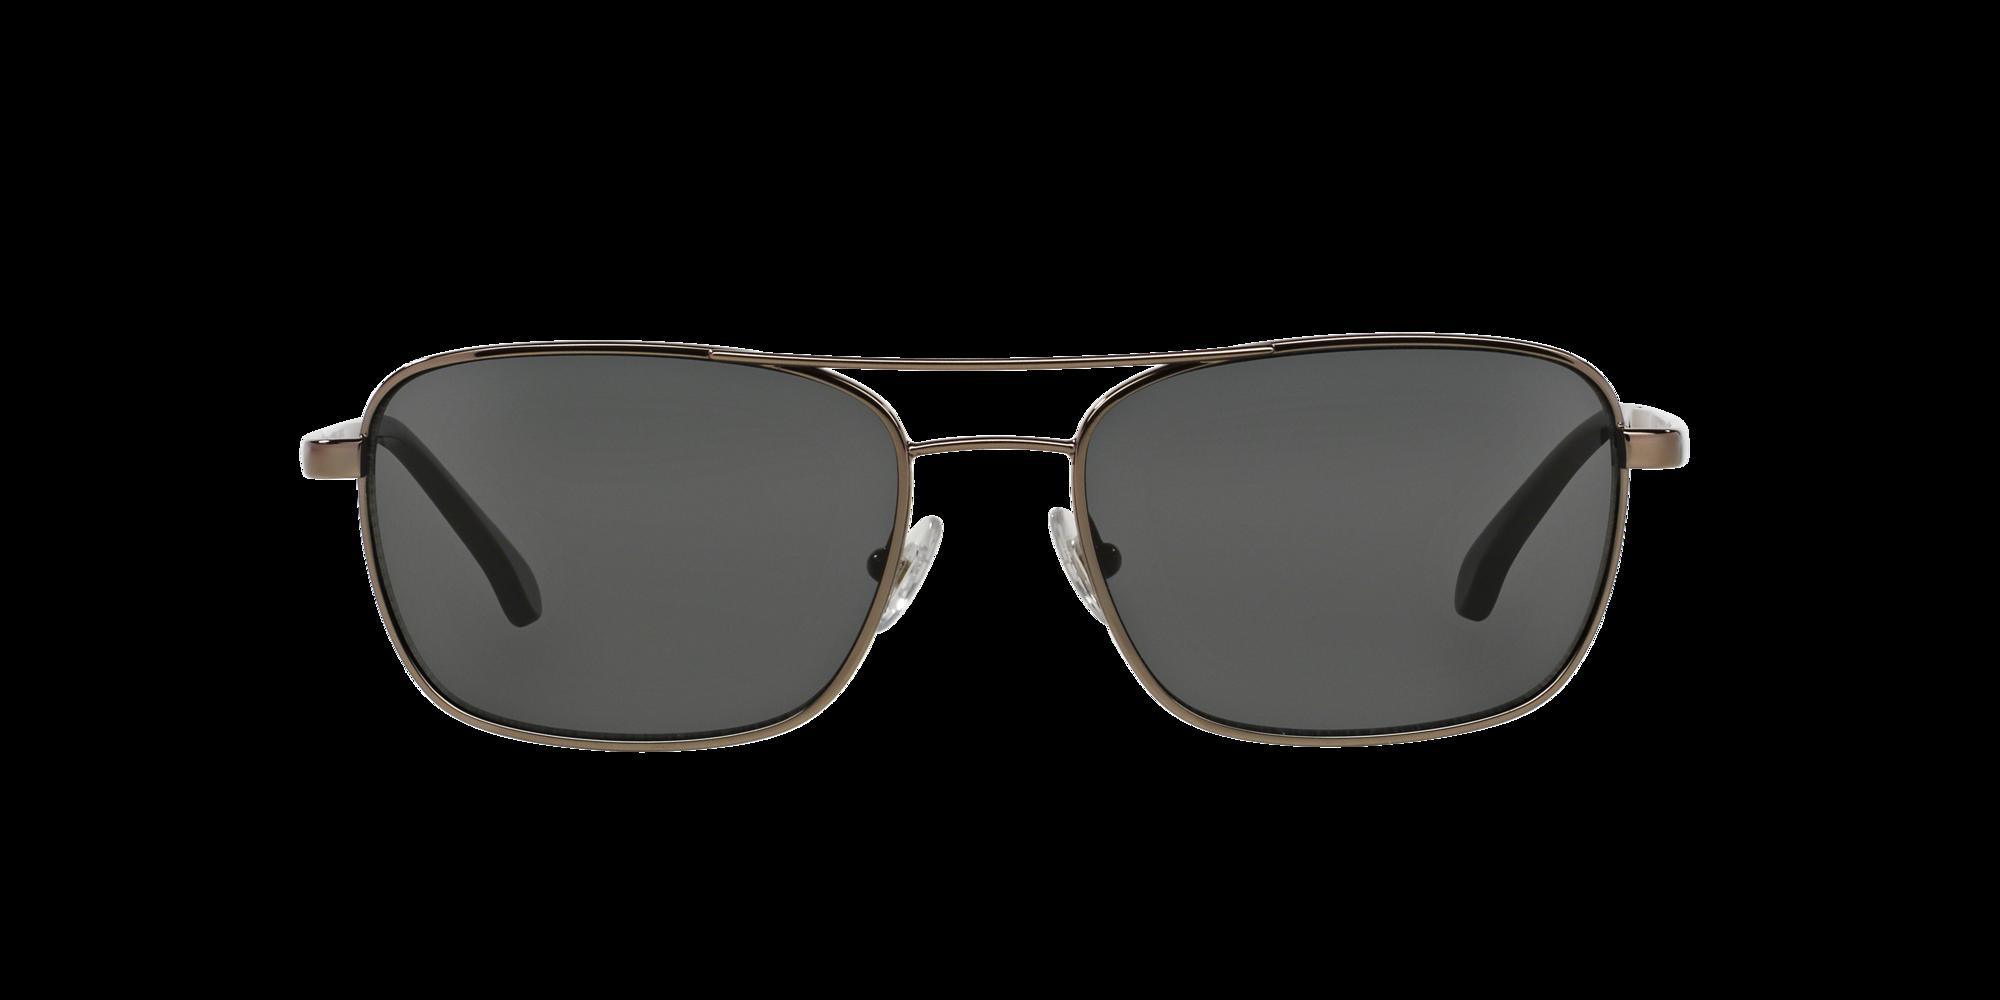 Imagen para BB4016 de LensCrafters |  Espejuelos, espejuelos graduados en línea, gafas